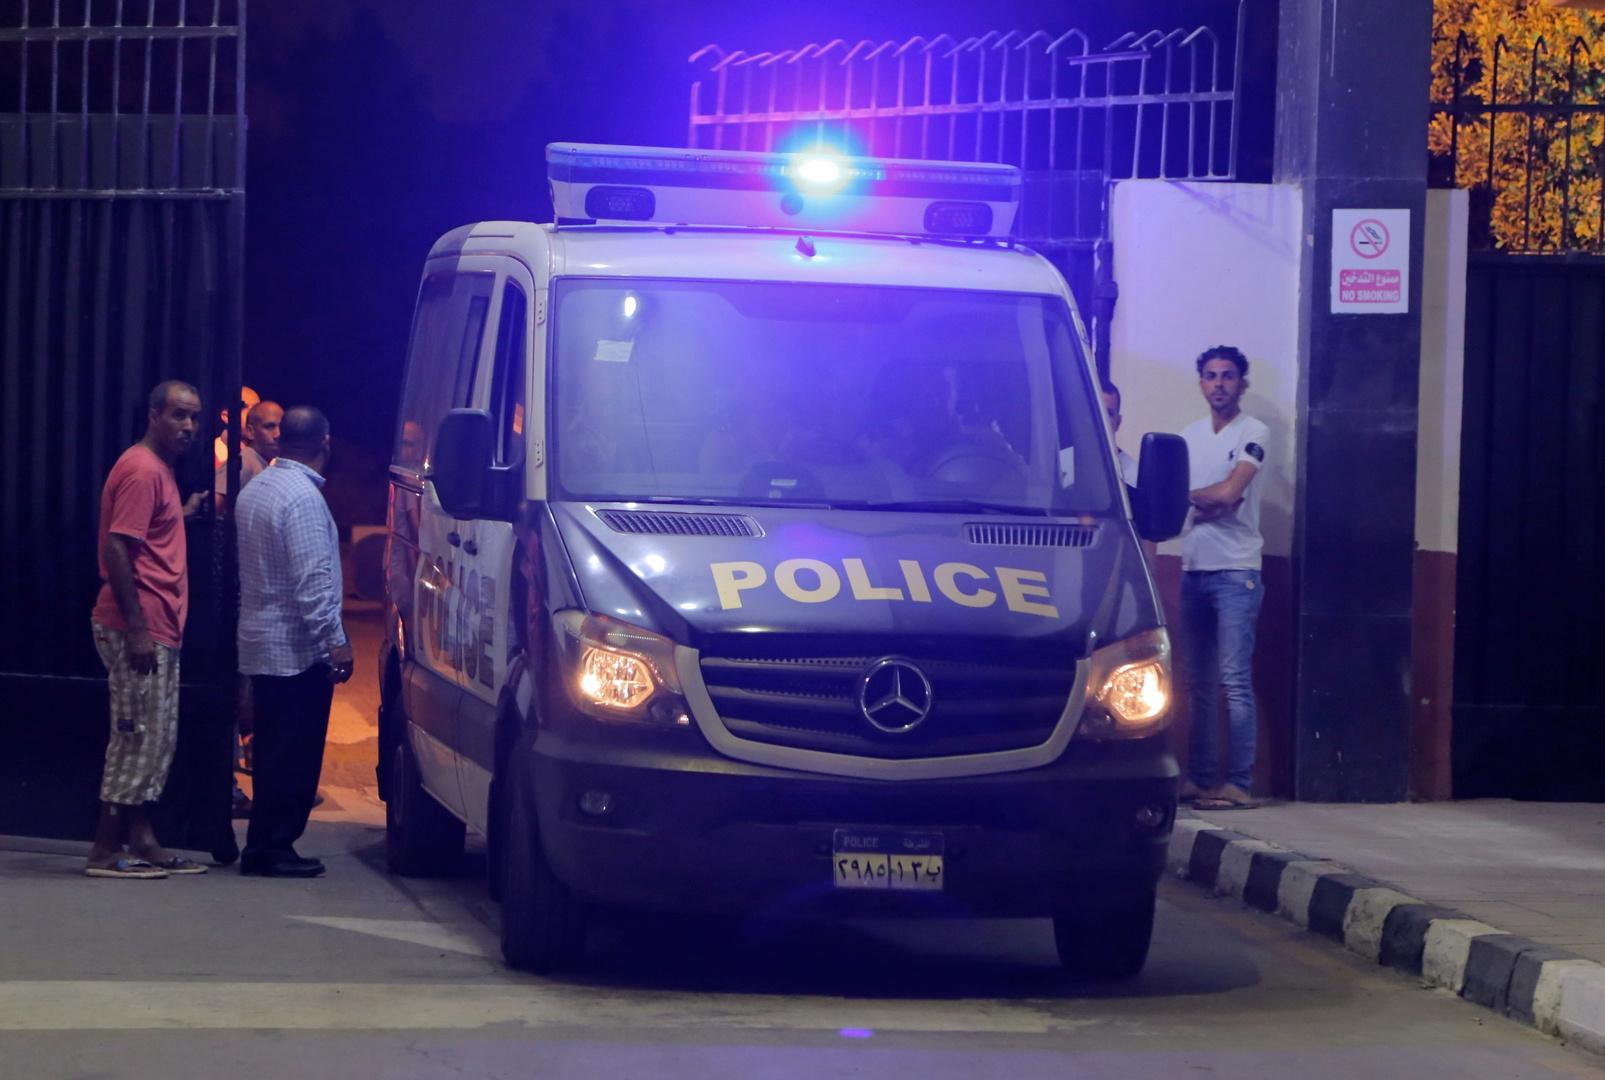 آلية تابعة للشرطة المصرية